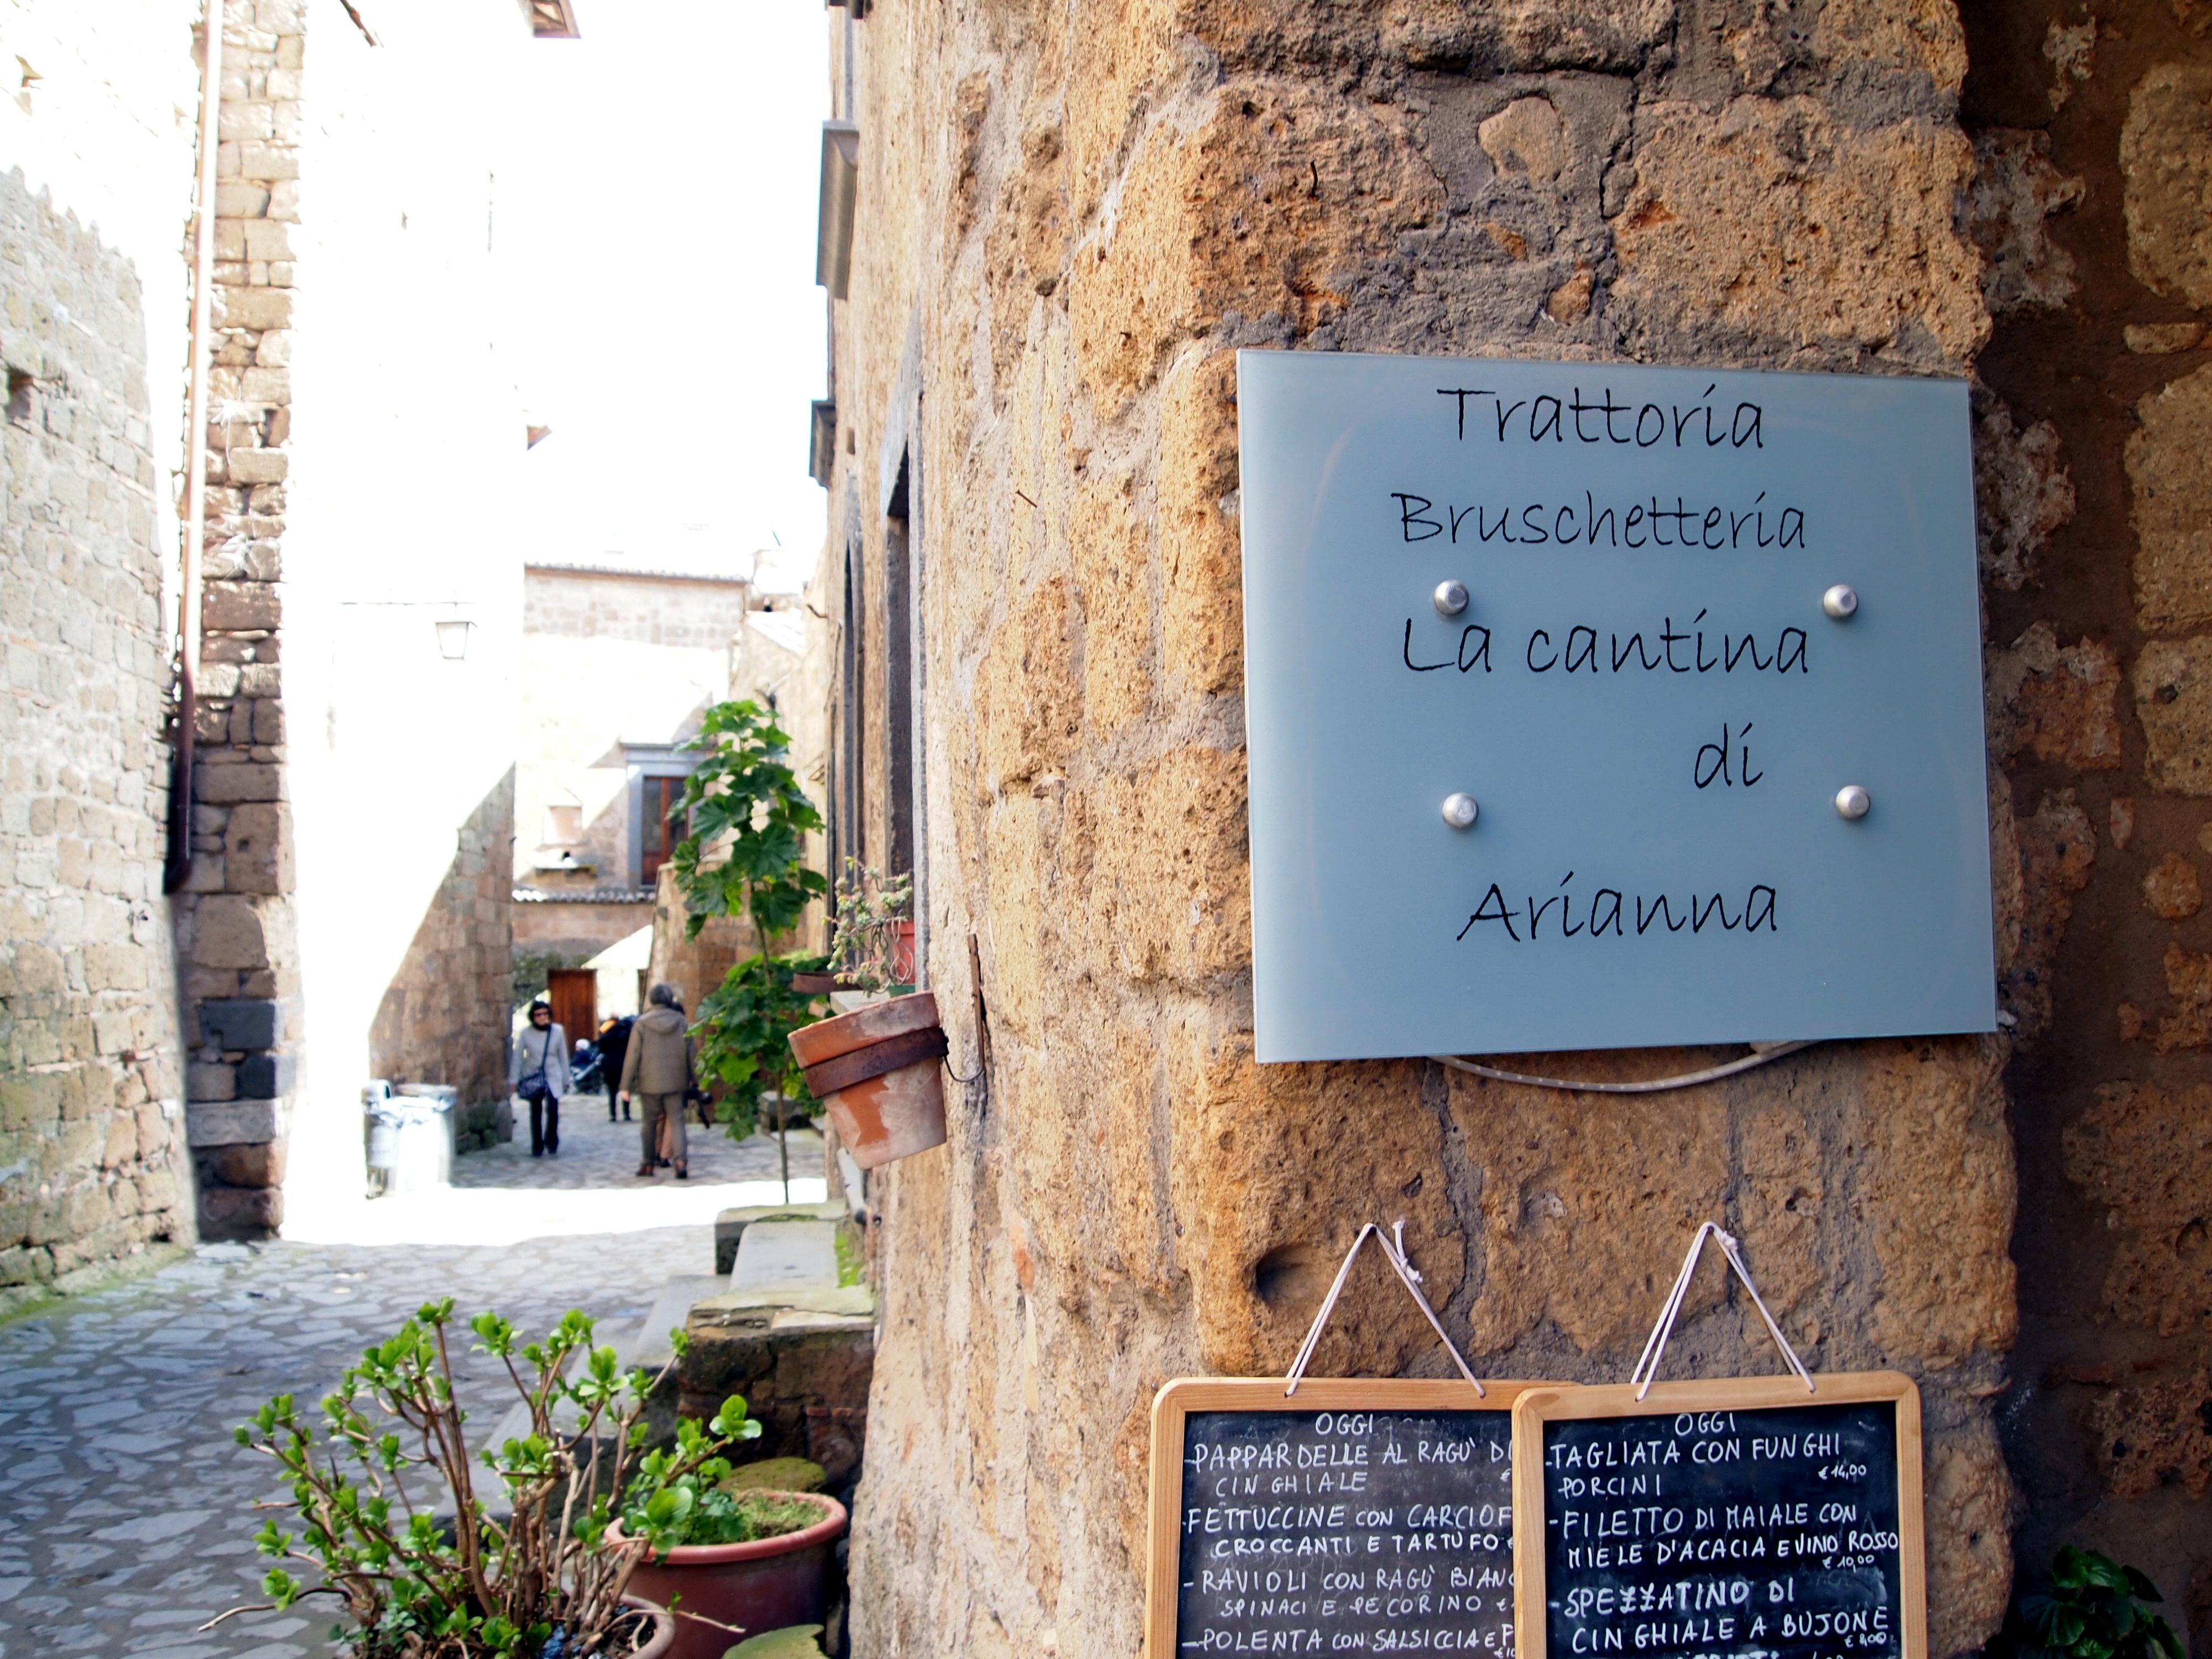 La Cantina di Arianna Civita di Bagnoregio restaurant Italy